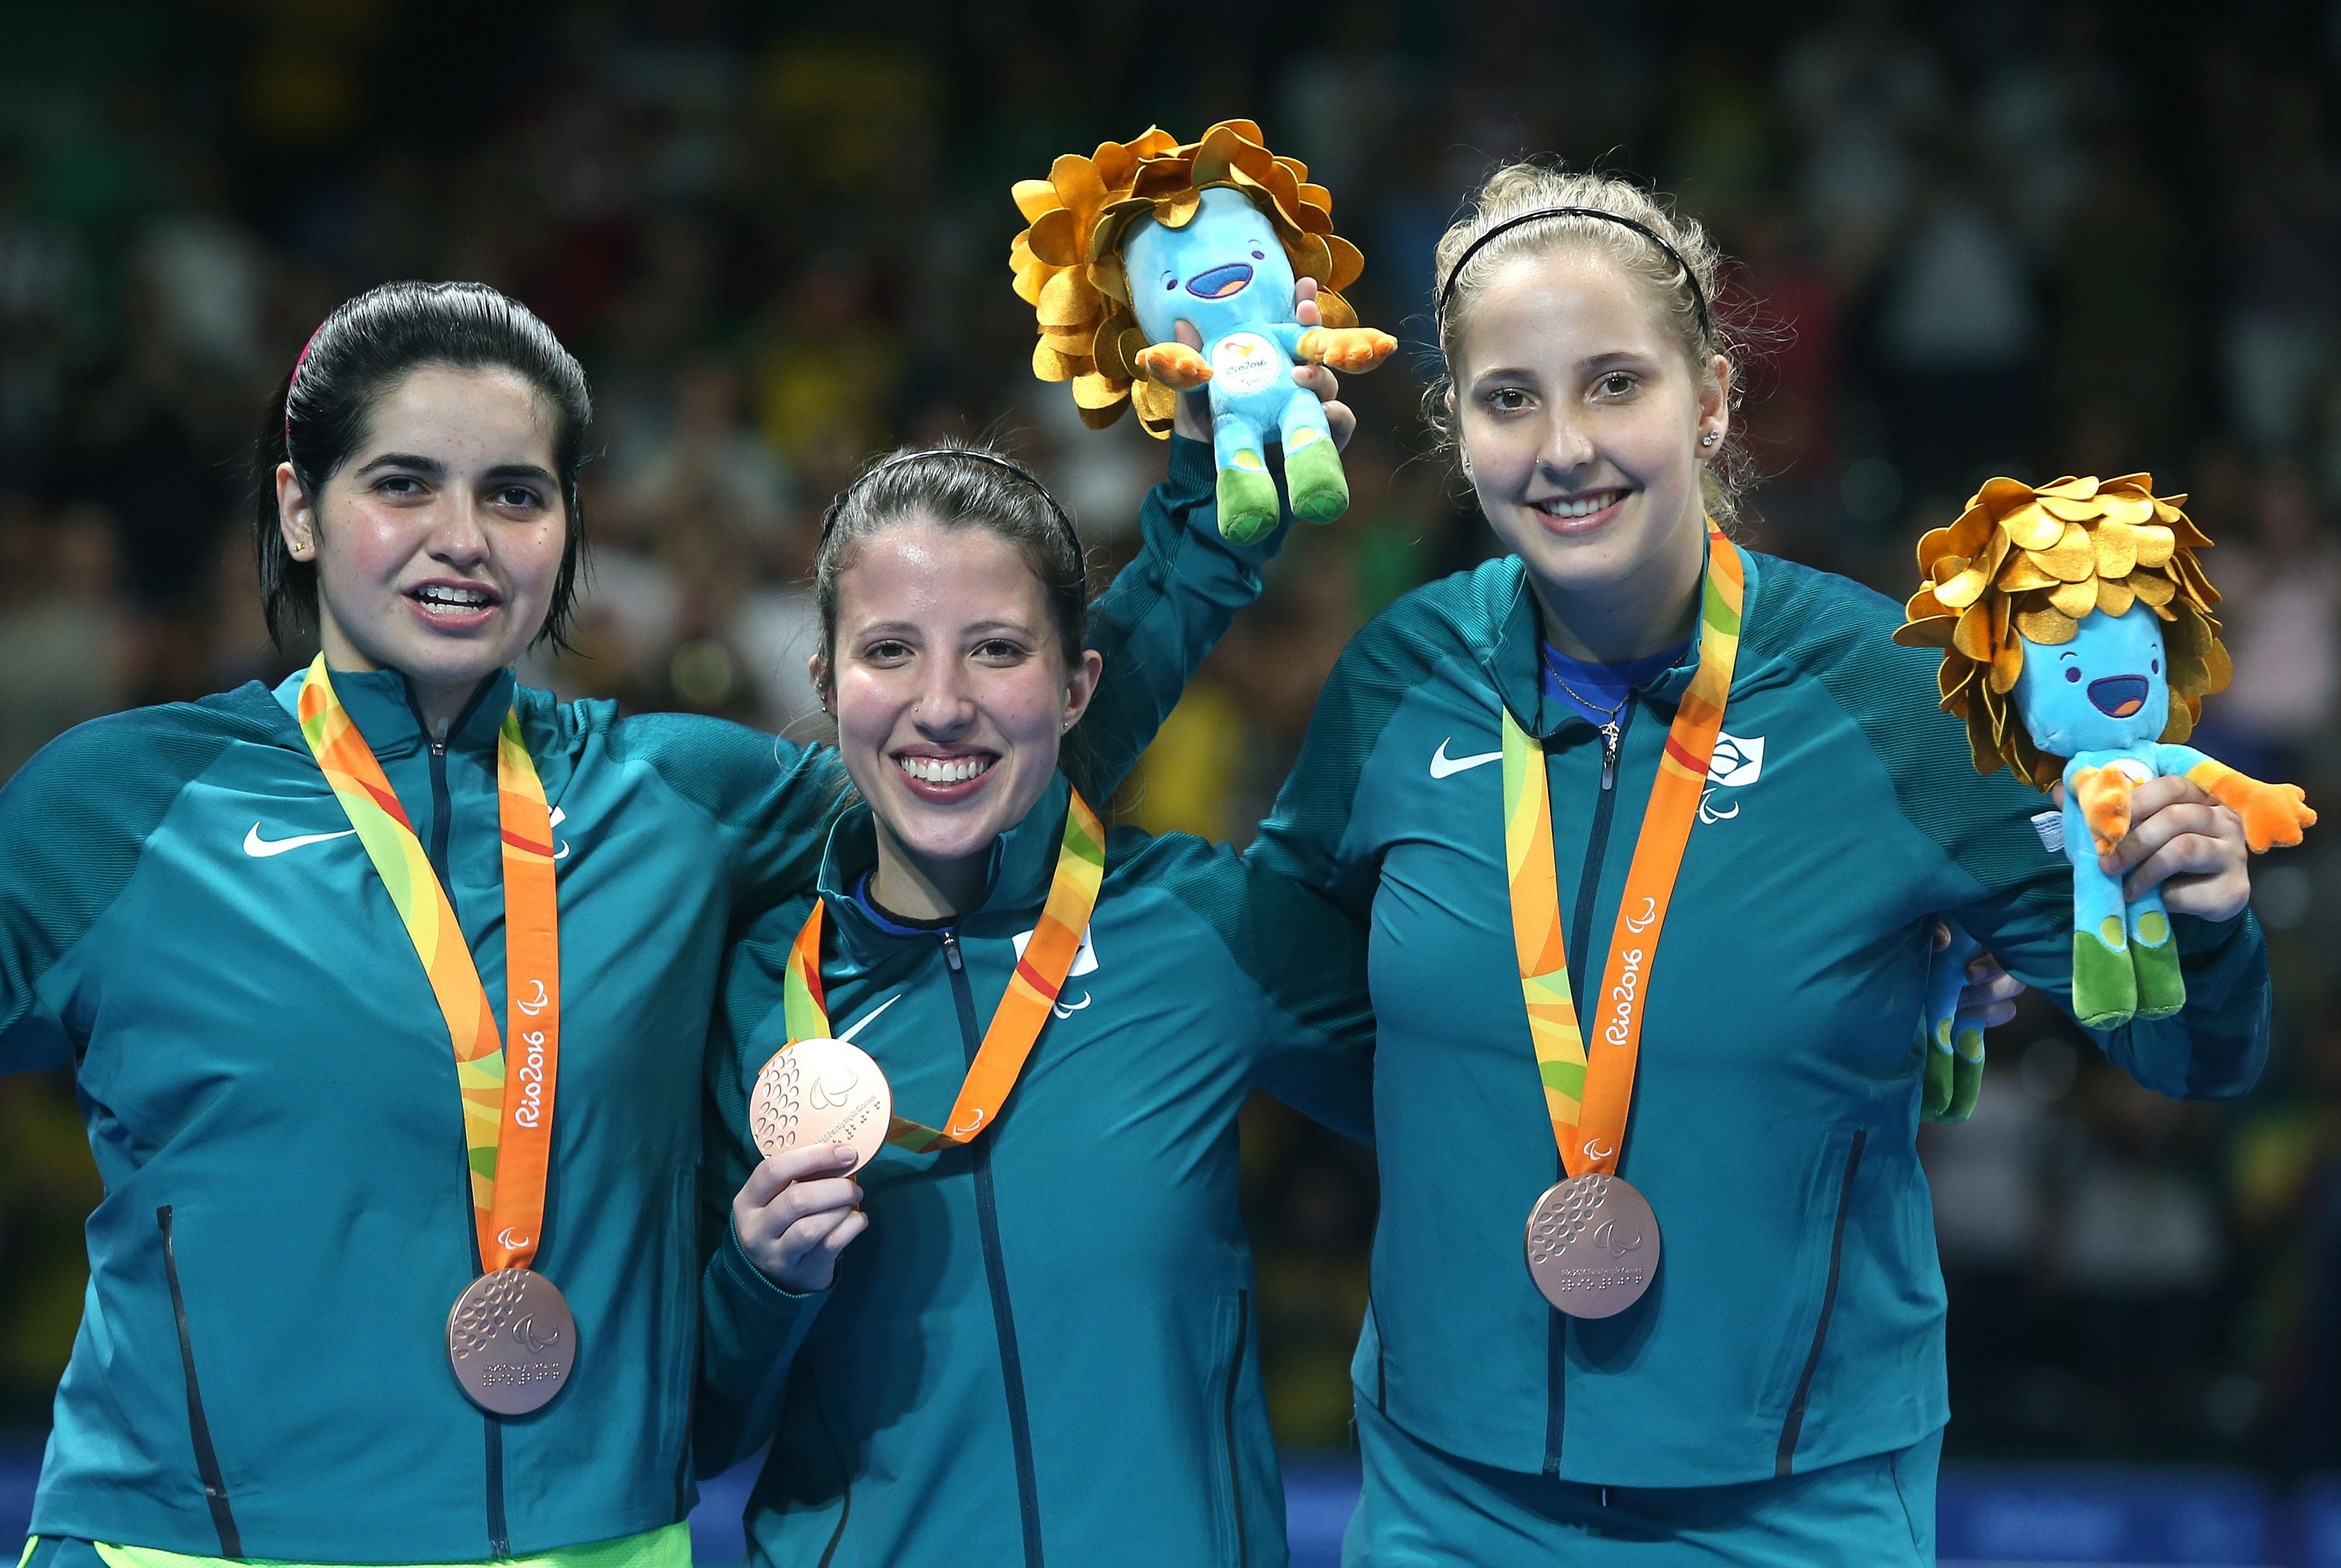 8a4e8a9e99dc5 Brasileiras conquistam bronze por equipes no tênis de mesa ...